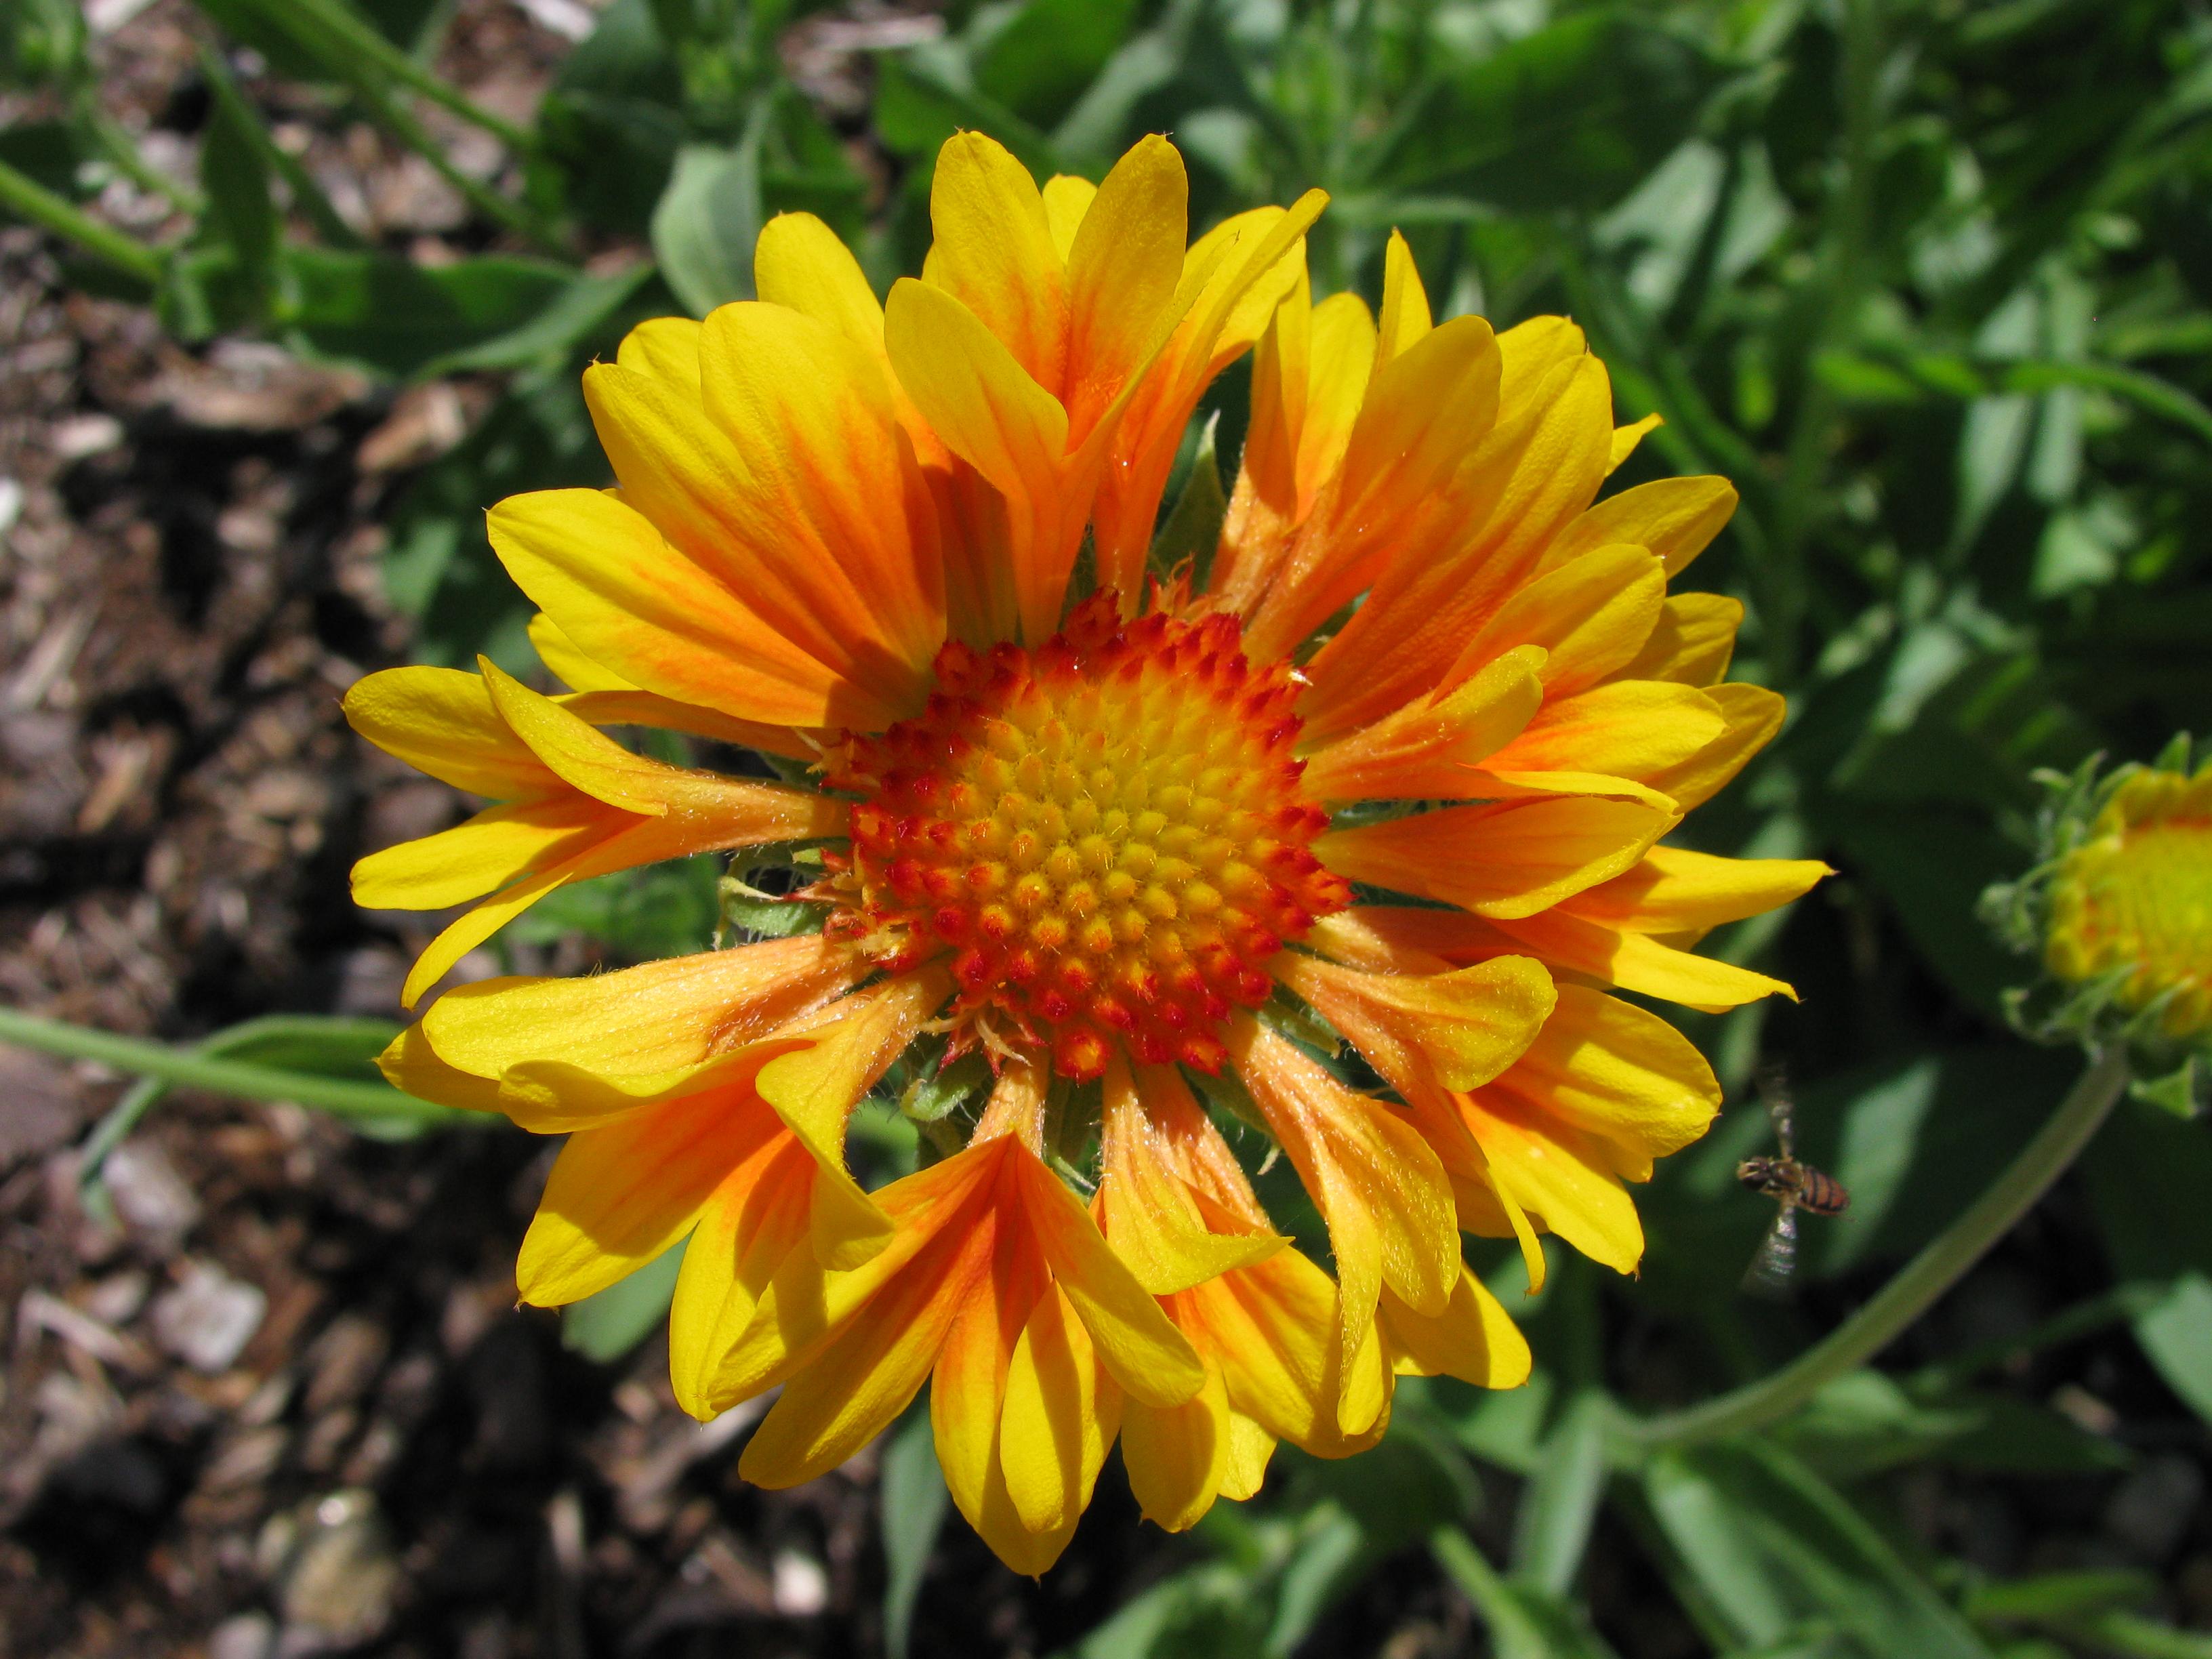 Gaillardia Blanket Flower Plant Care Guide And Varieties Auntie